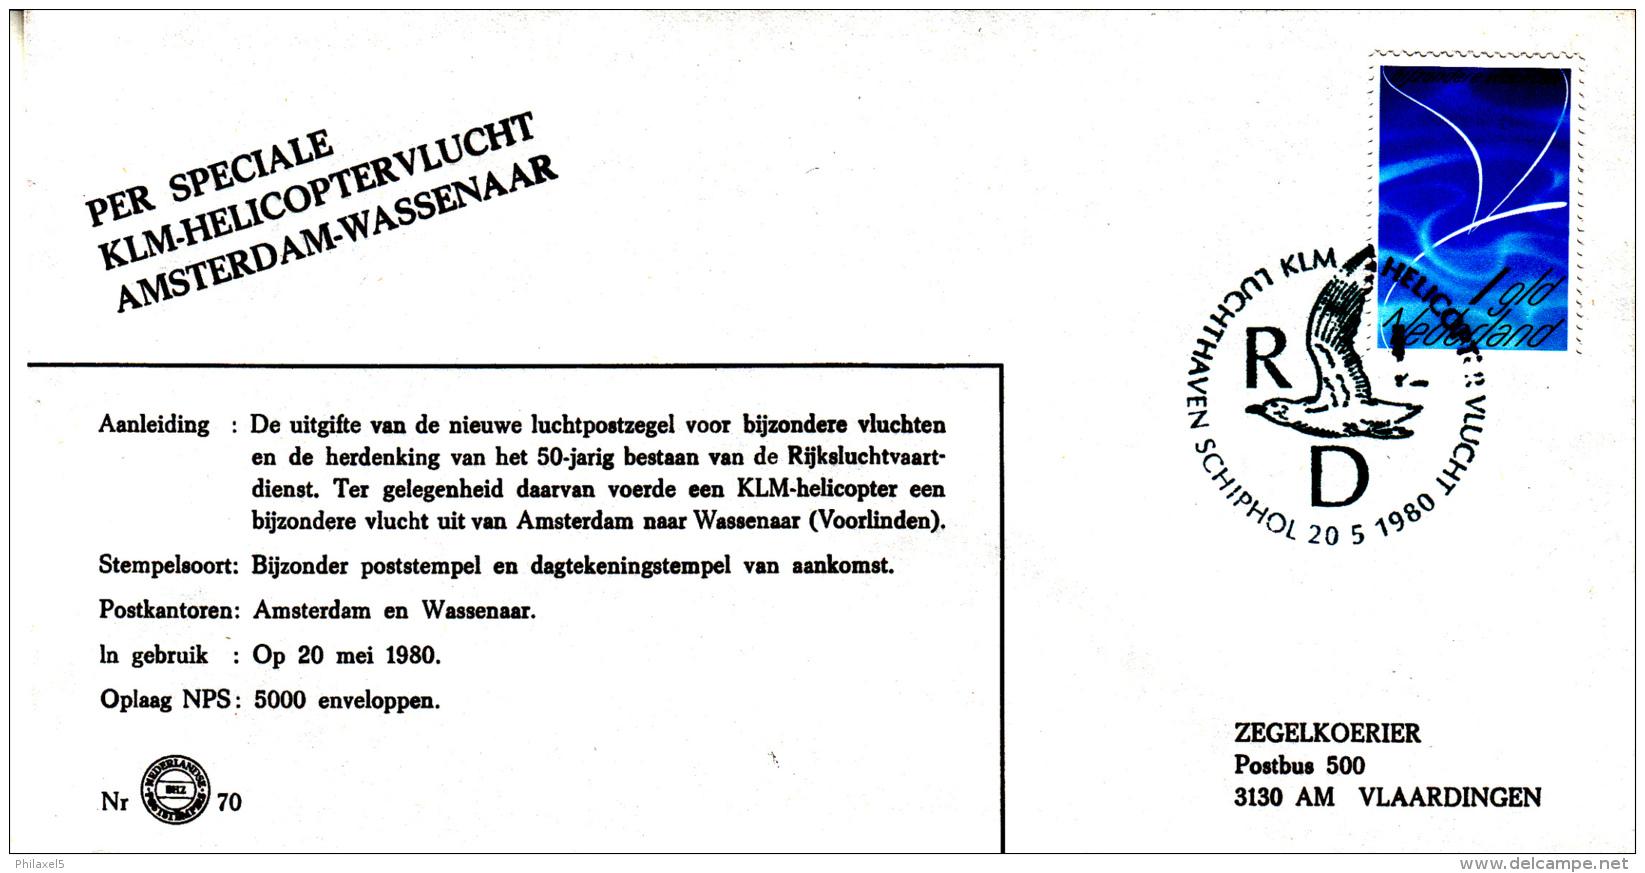 Nederland - 20 Mei 1980 - KLM Helicoptervlucht Amsterdam-Wassenaar - Luchthaven Schiphol - Z 70 - Marcofilie - EMA (Print Machine)